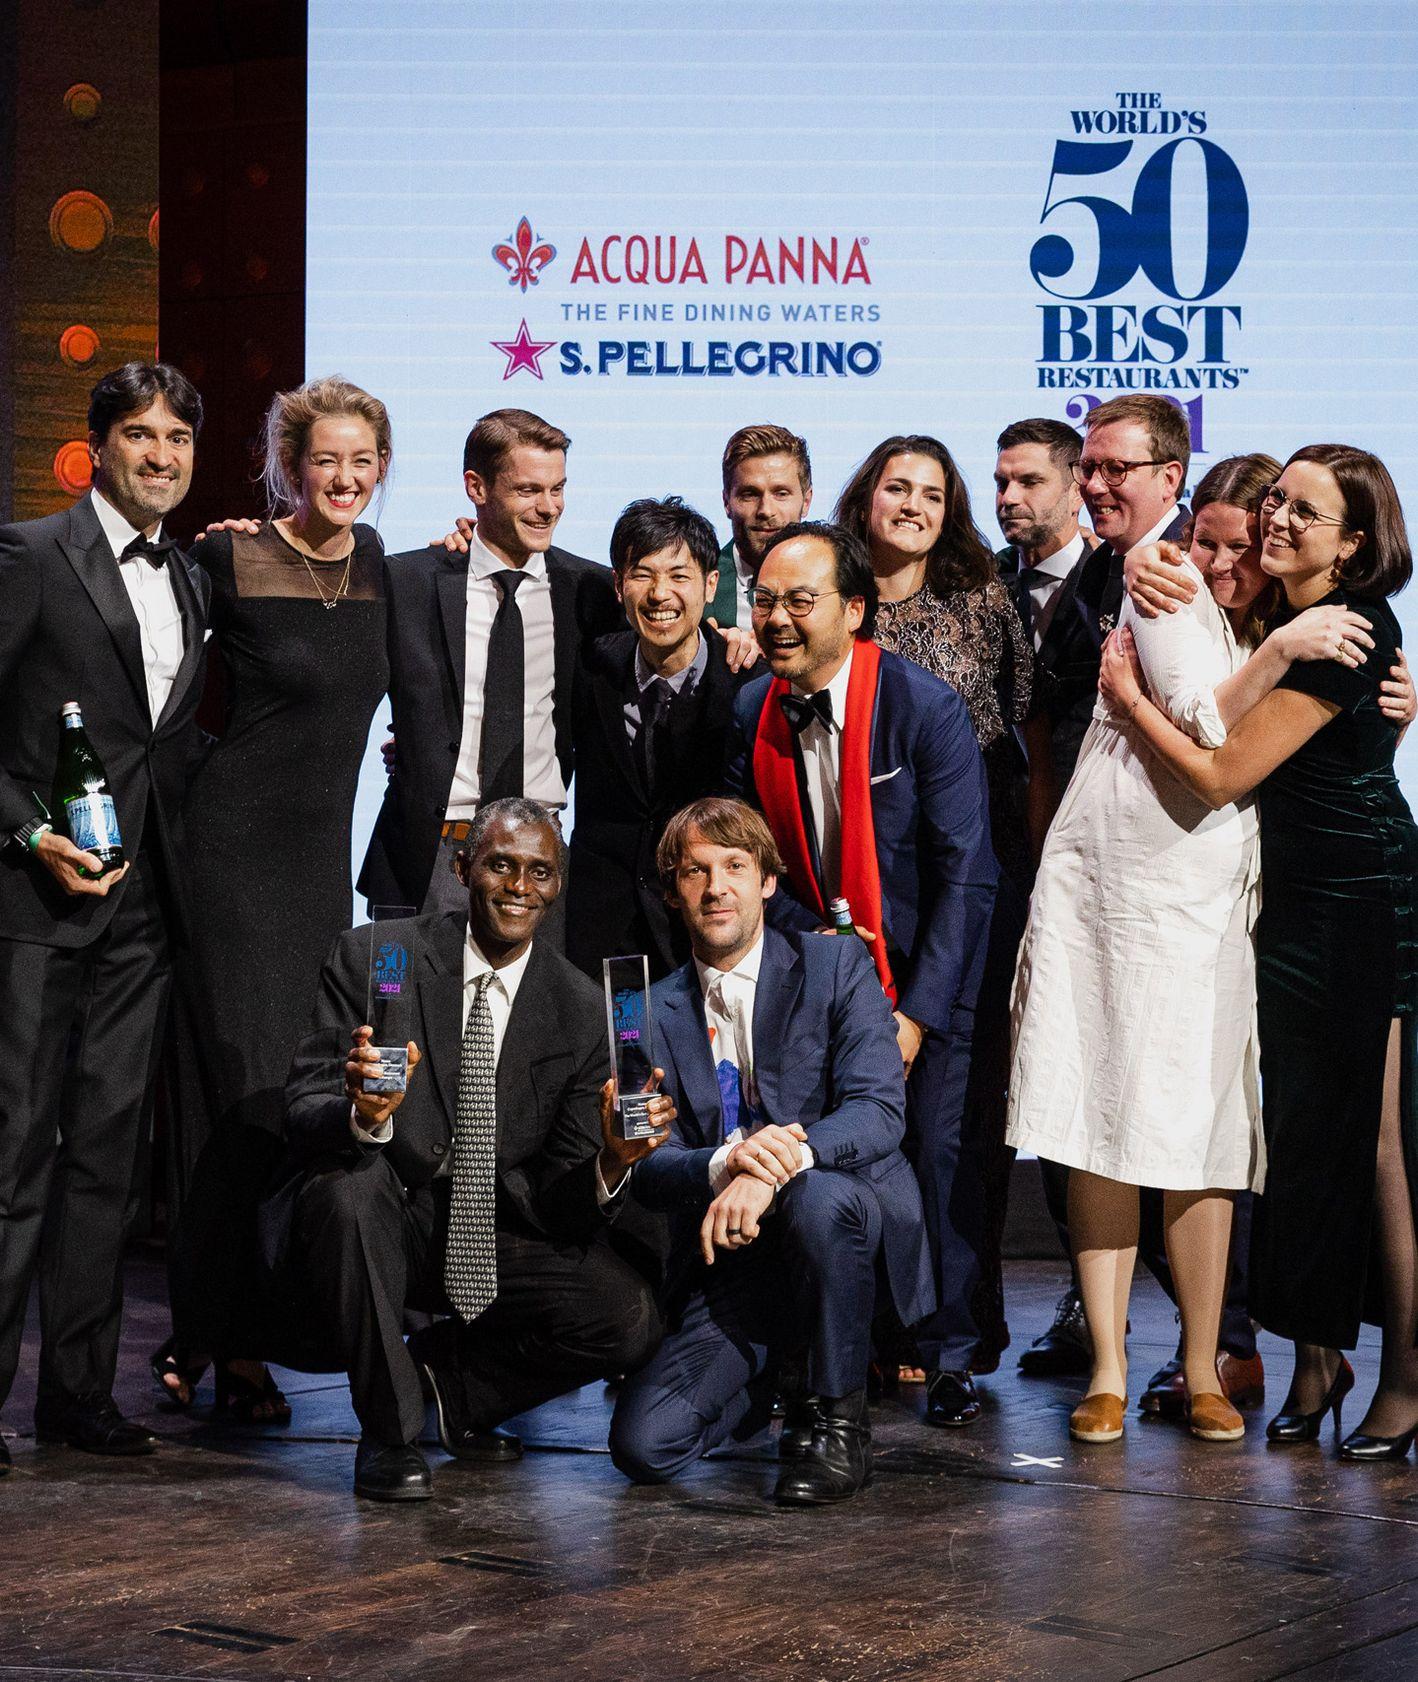 Wręczenie nagród dla najlepszych restauracji na świecie - Noma, René Redzepi (fot. materiały prasowe)